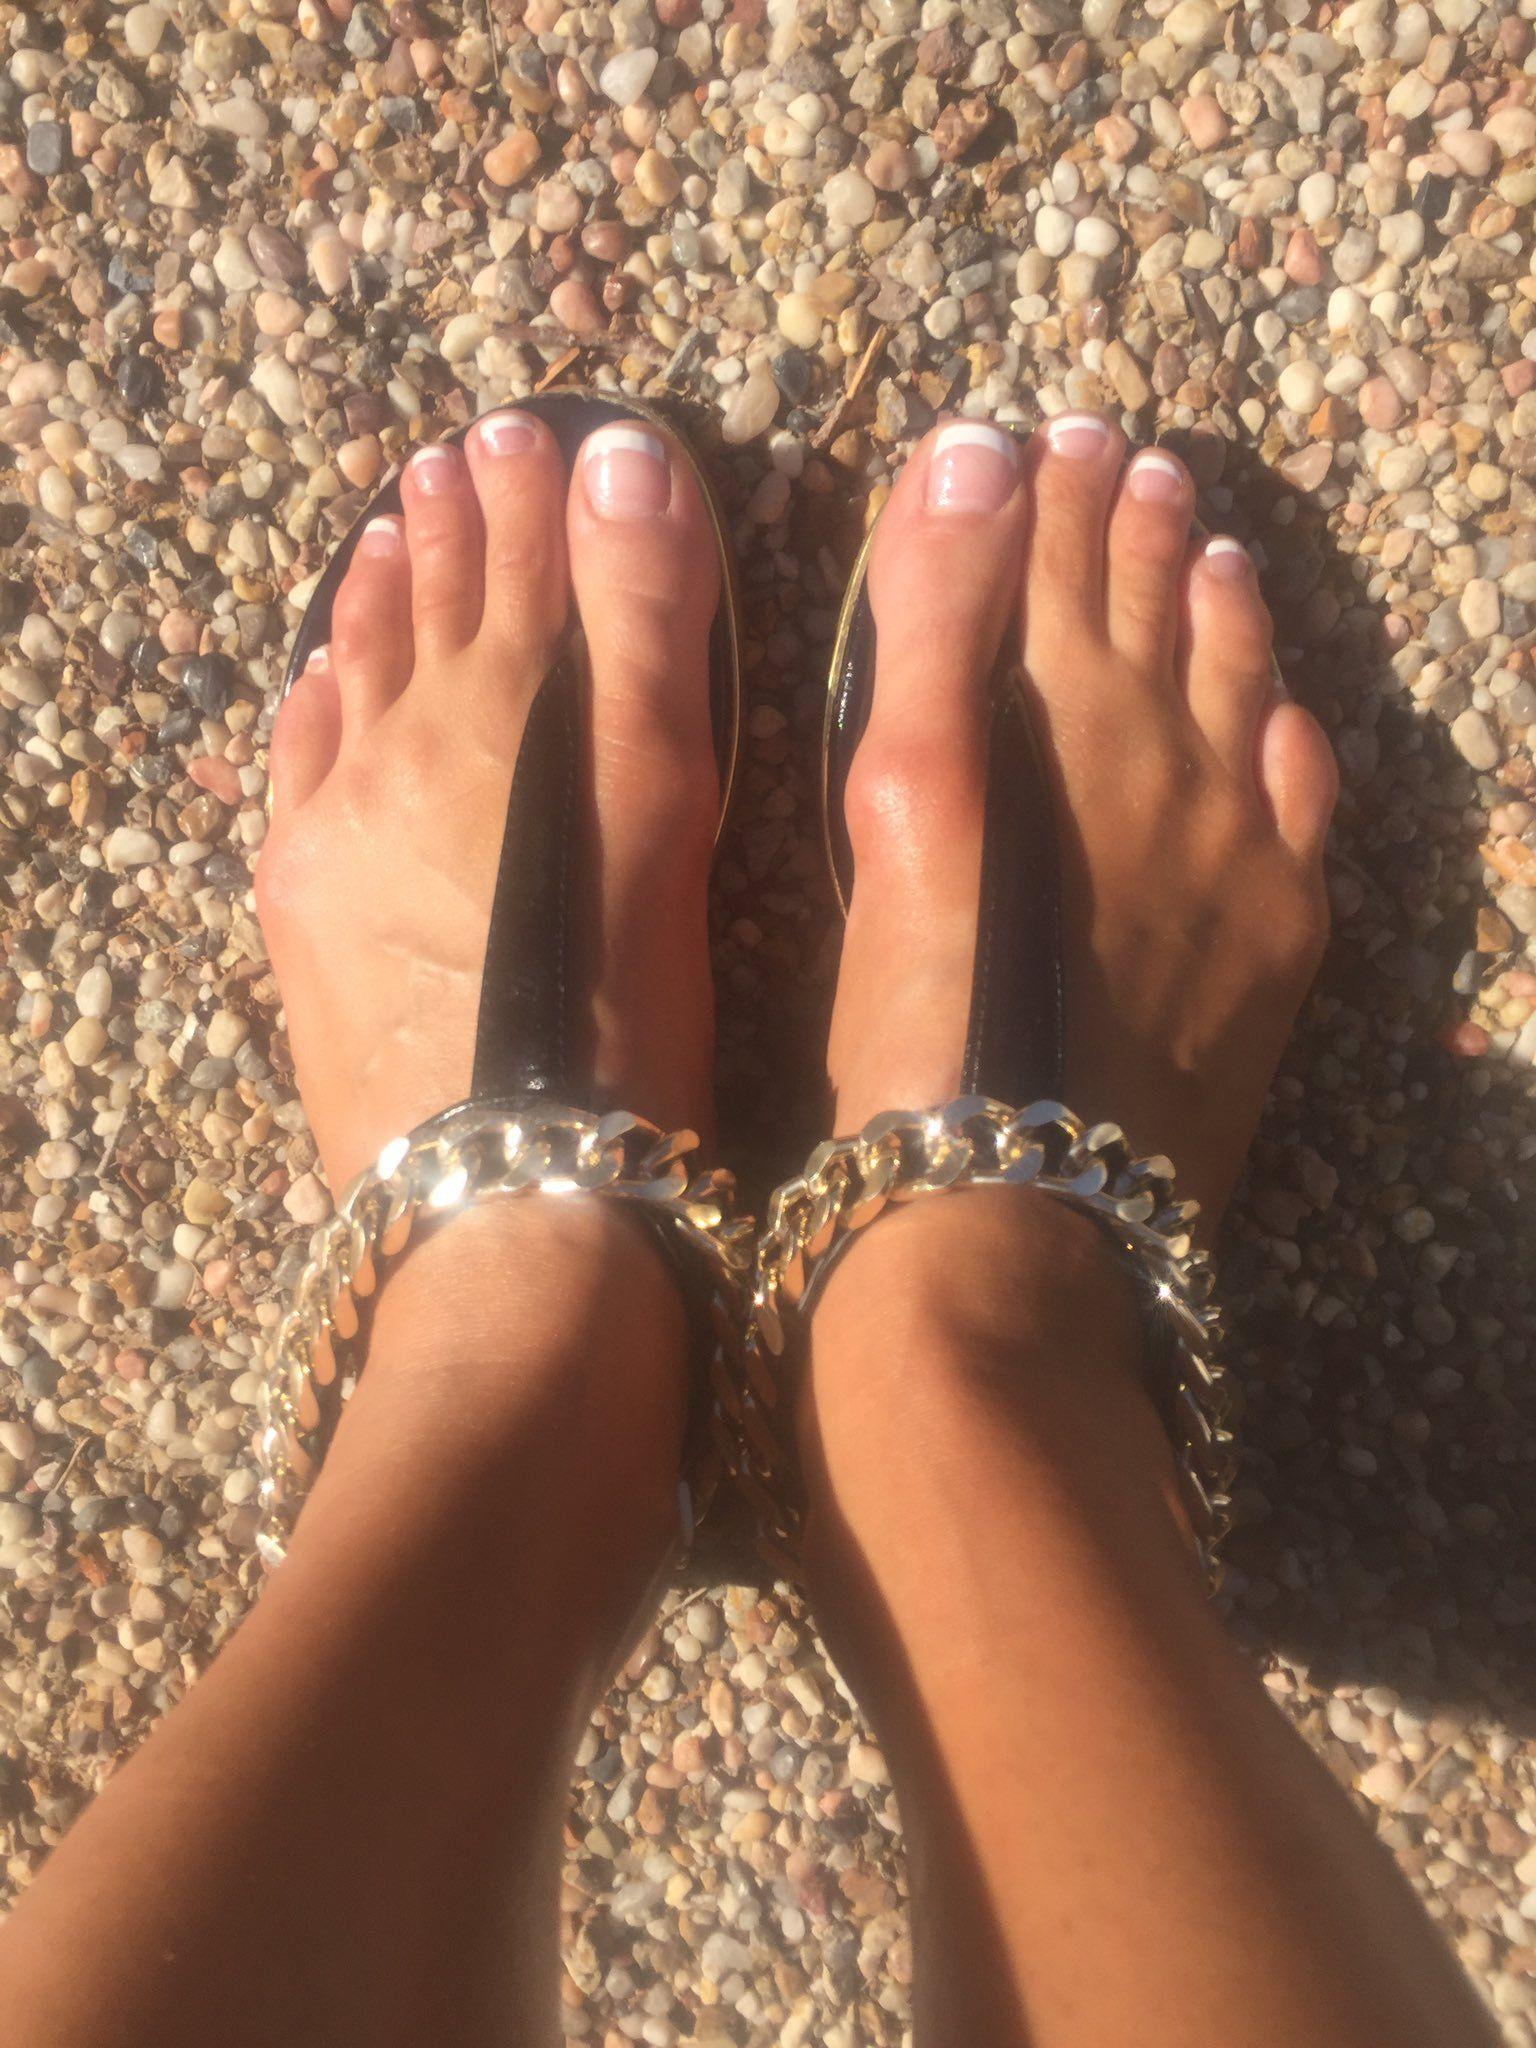 Feet Christiana Cinn nude photos 2019